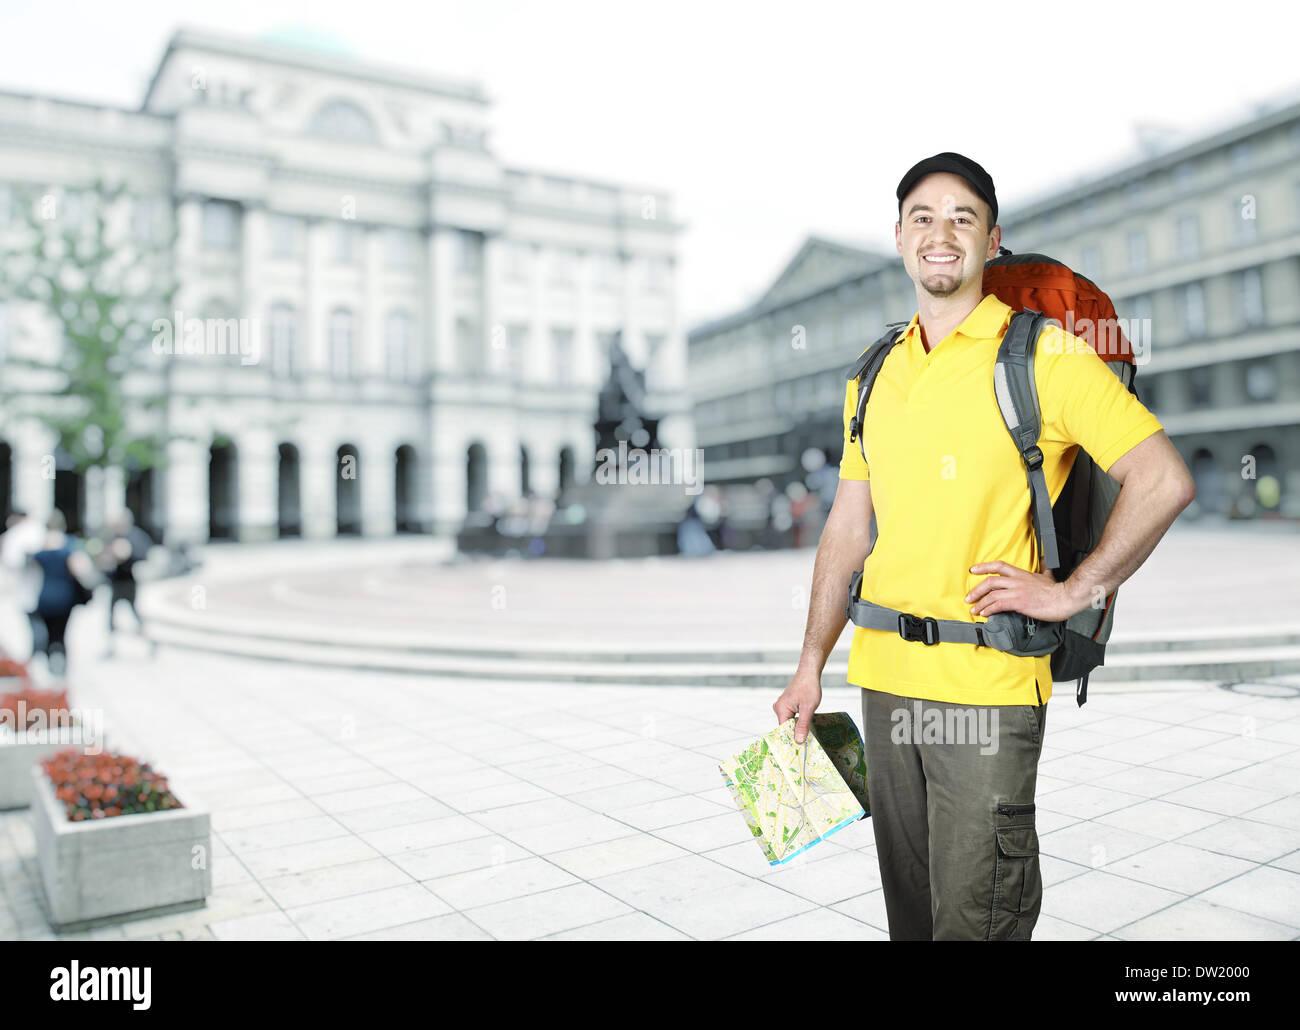 traveller - Stock Image